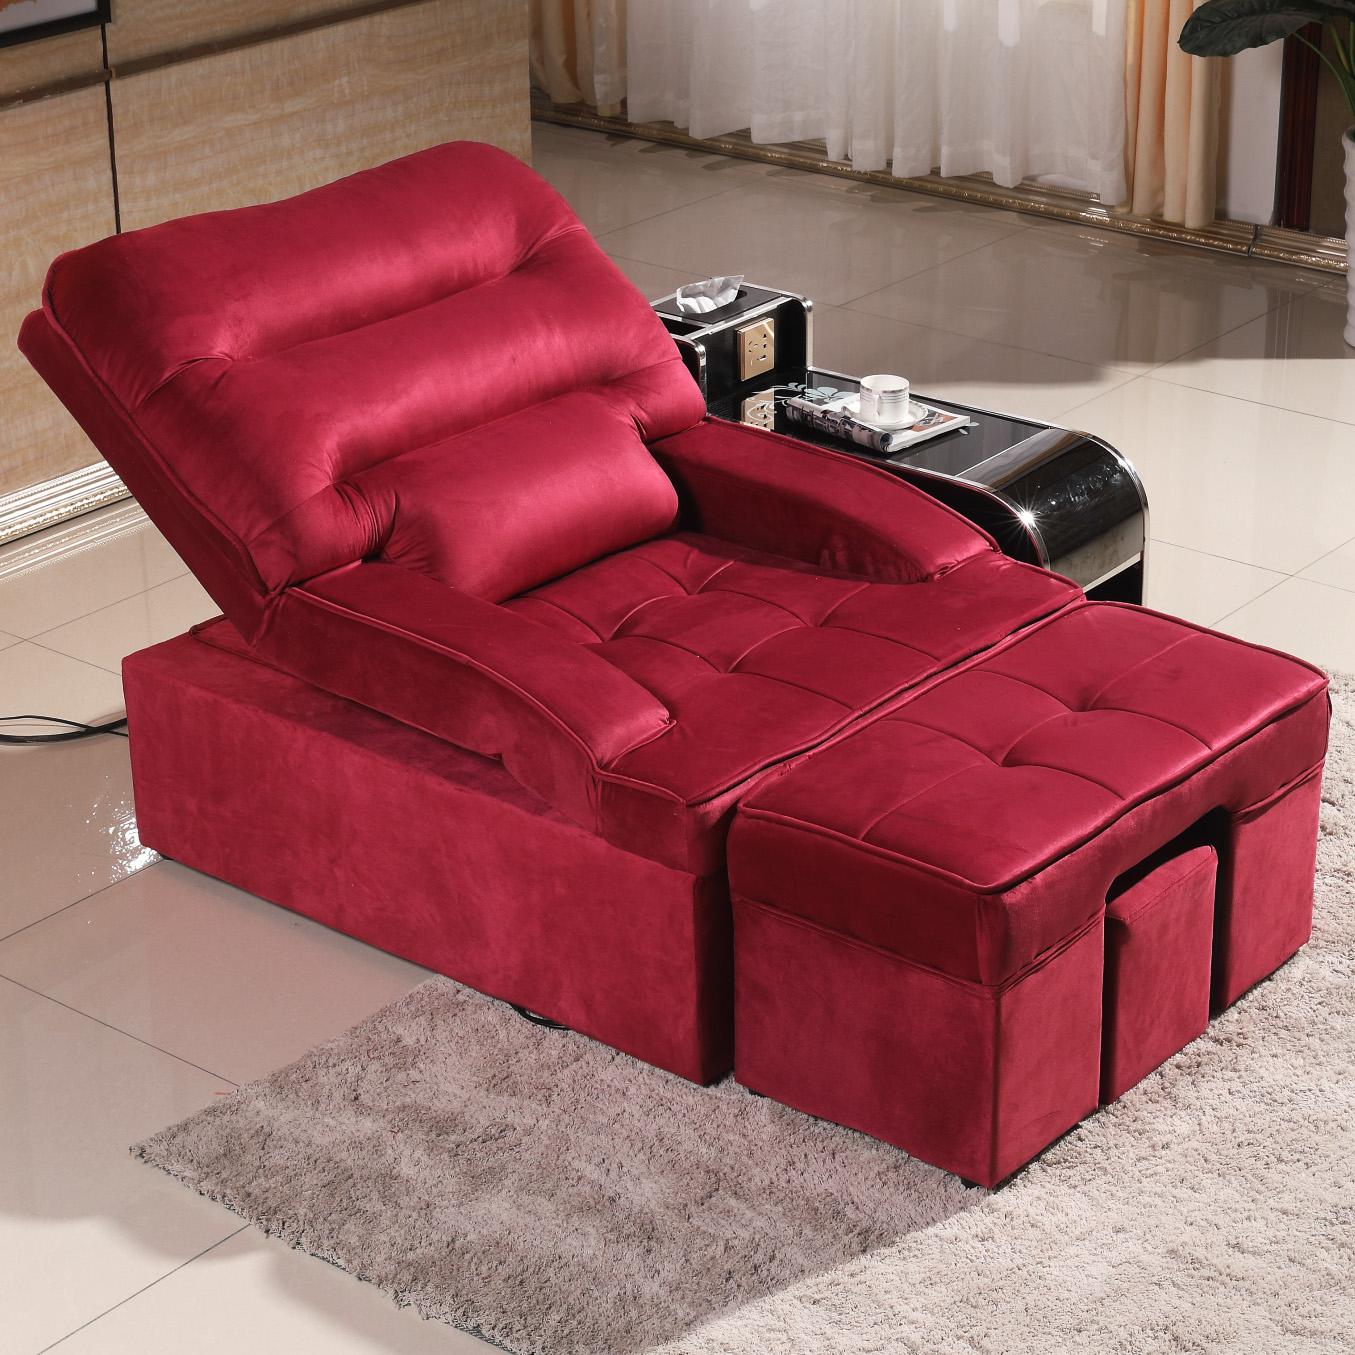 电动足浴足疗沙发美甲美睫修脚沙发美容桑拿洗浴沐足按摩躺椅沙发